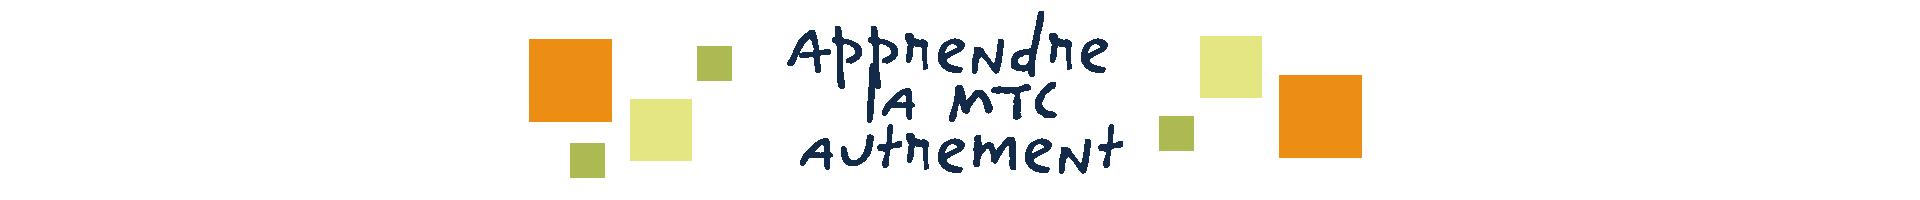 Apprendre la MTC autrement